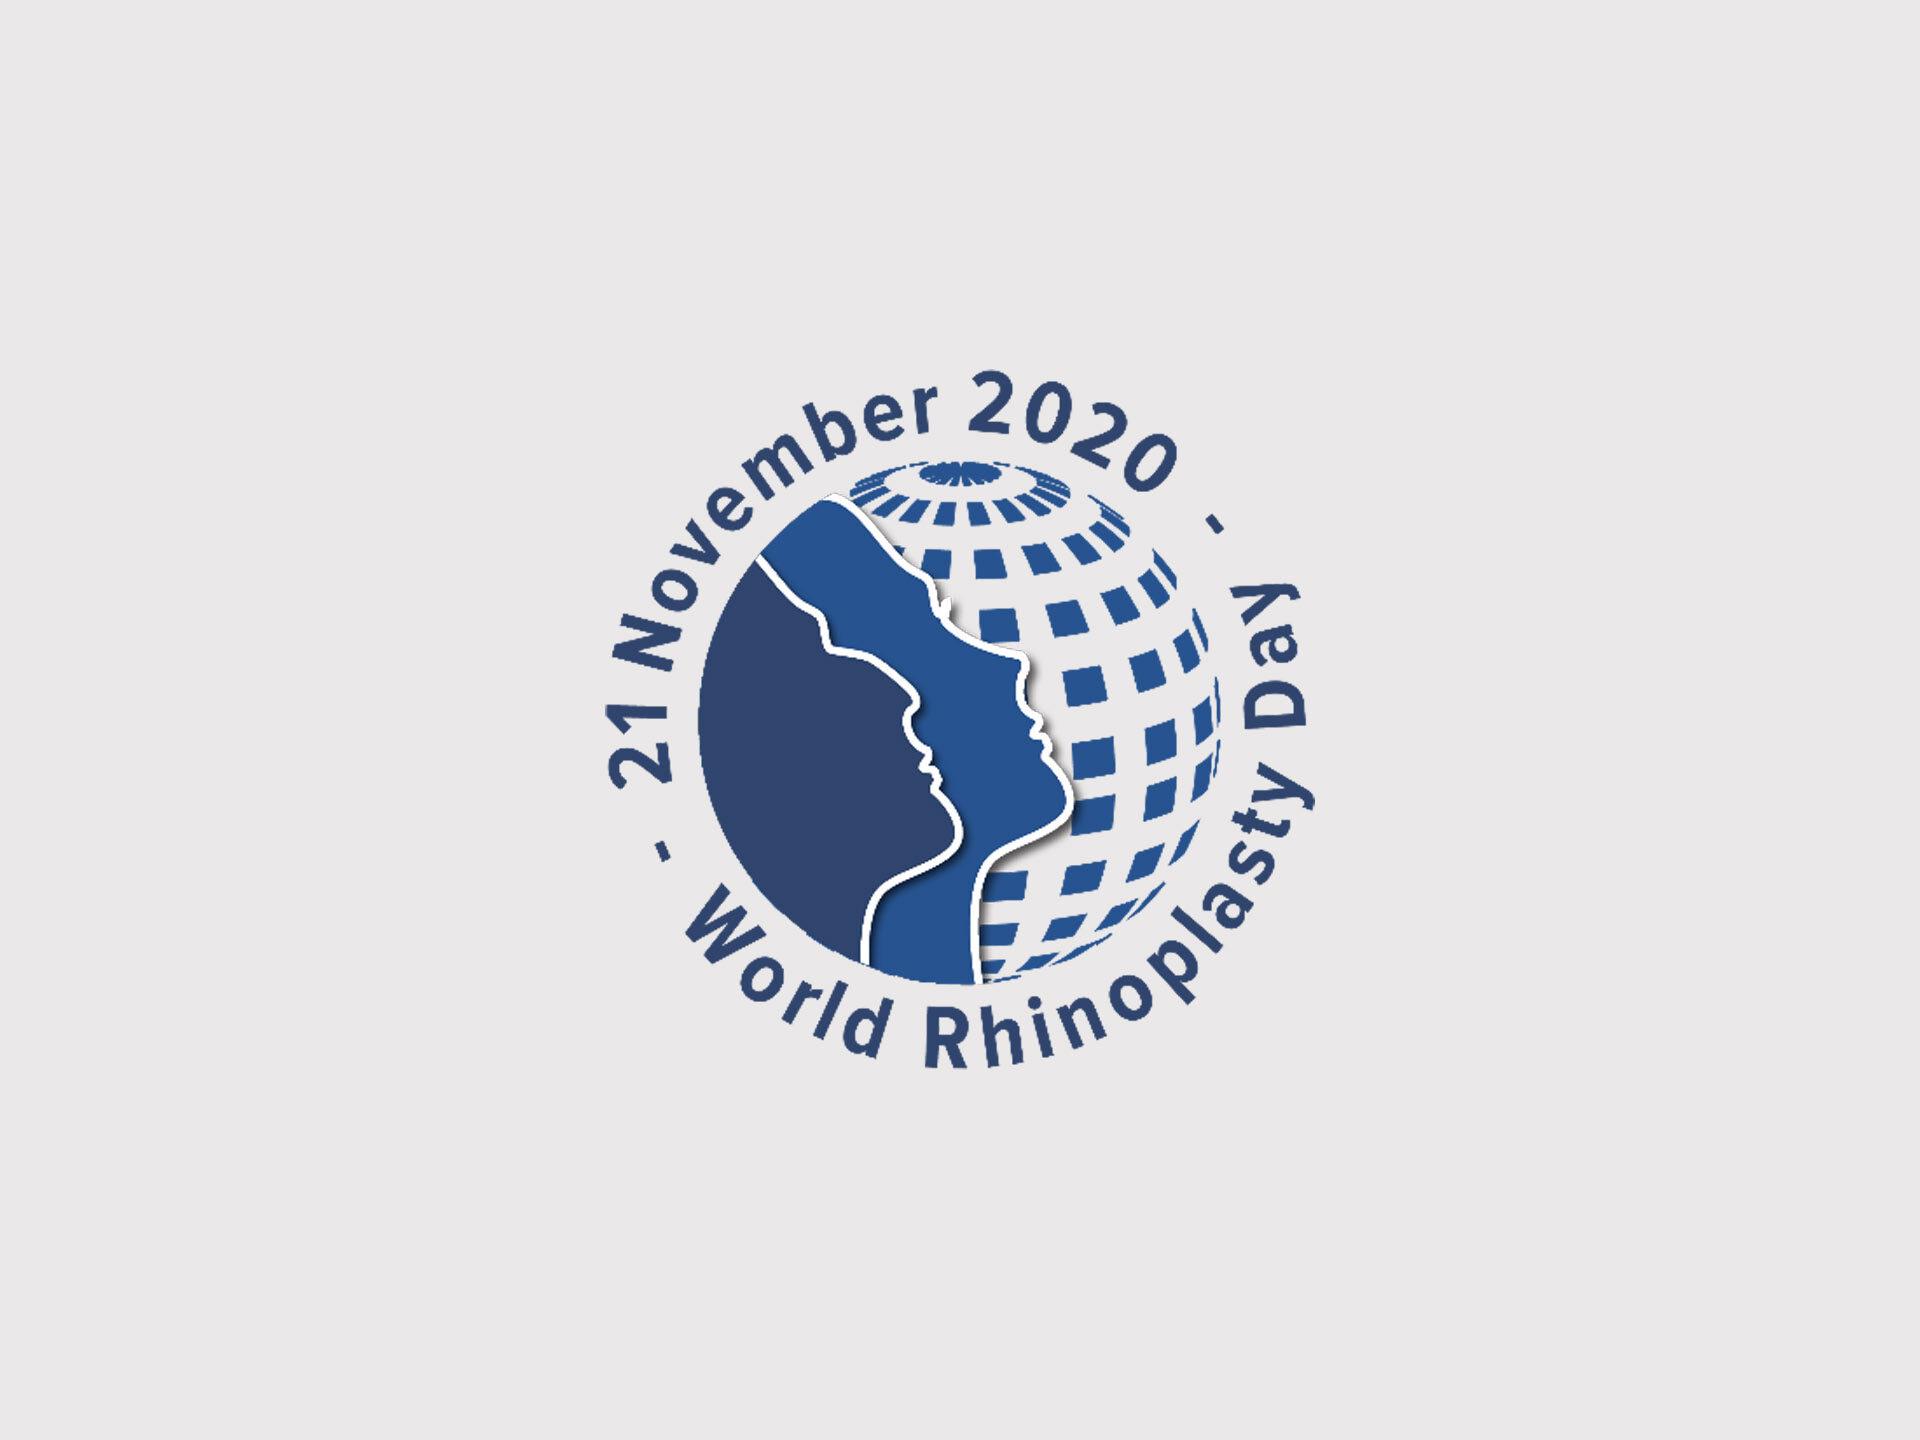 Мировой день ринопластики 2020 — пластический хирург Виталий Жолтиков